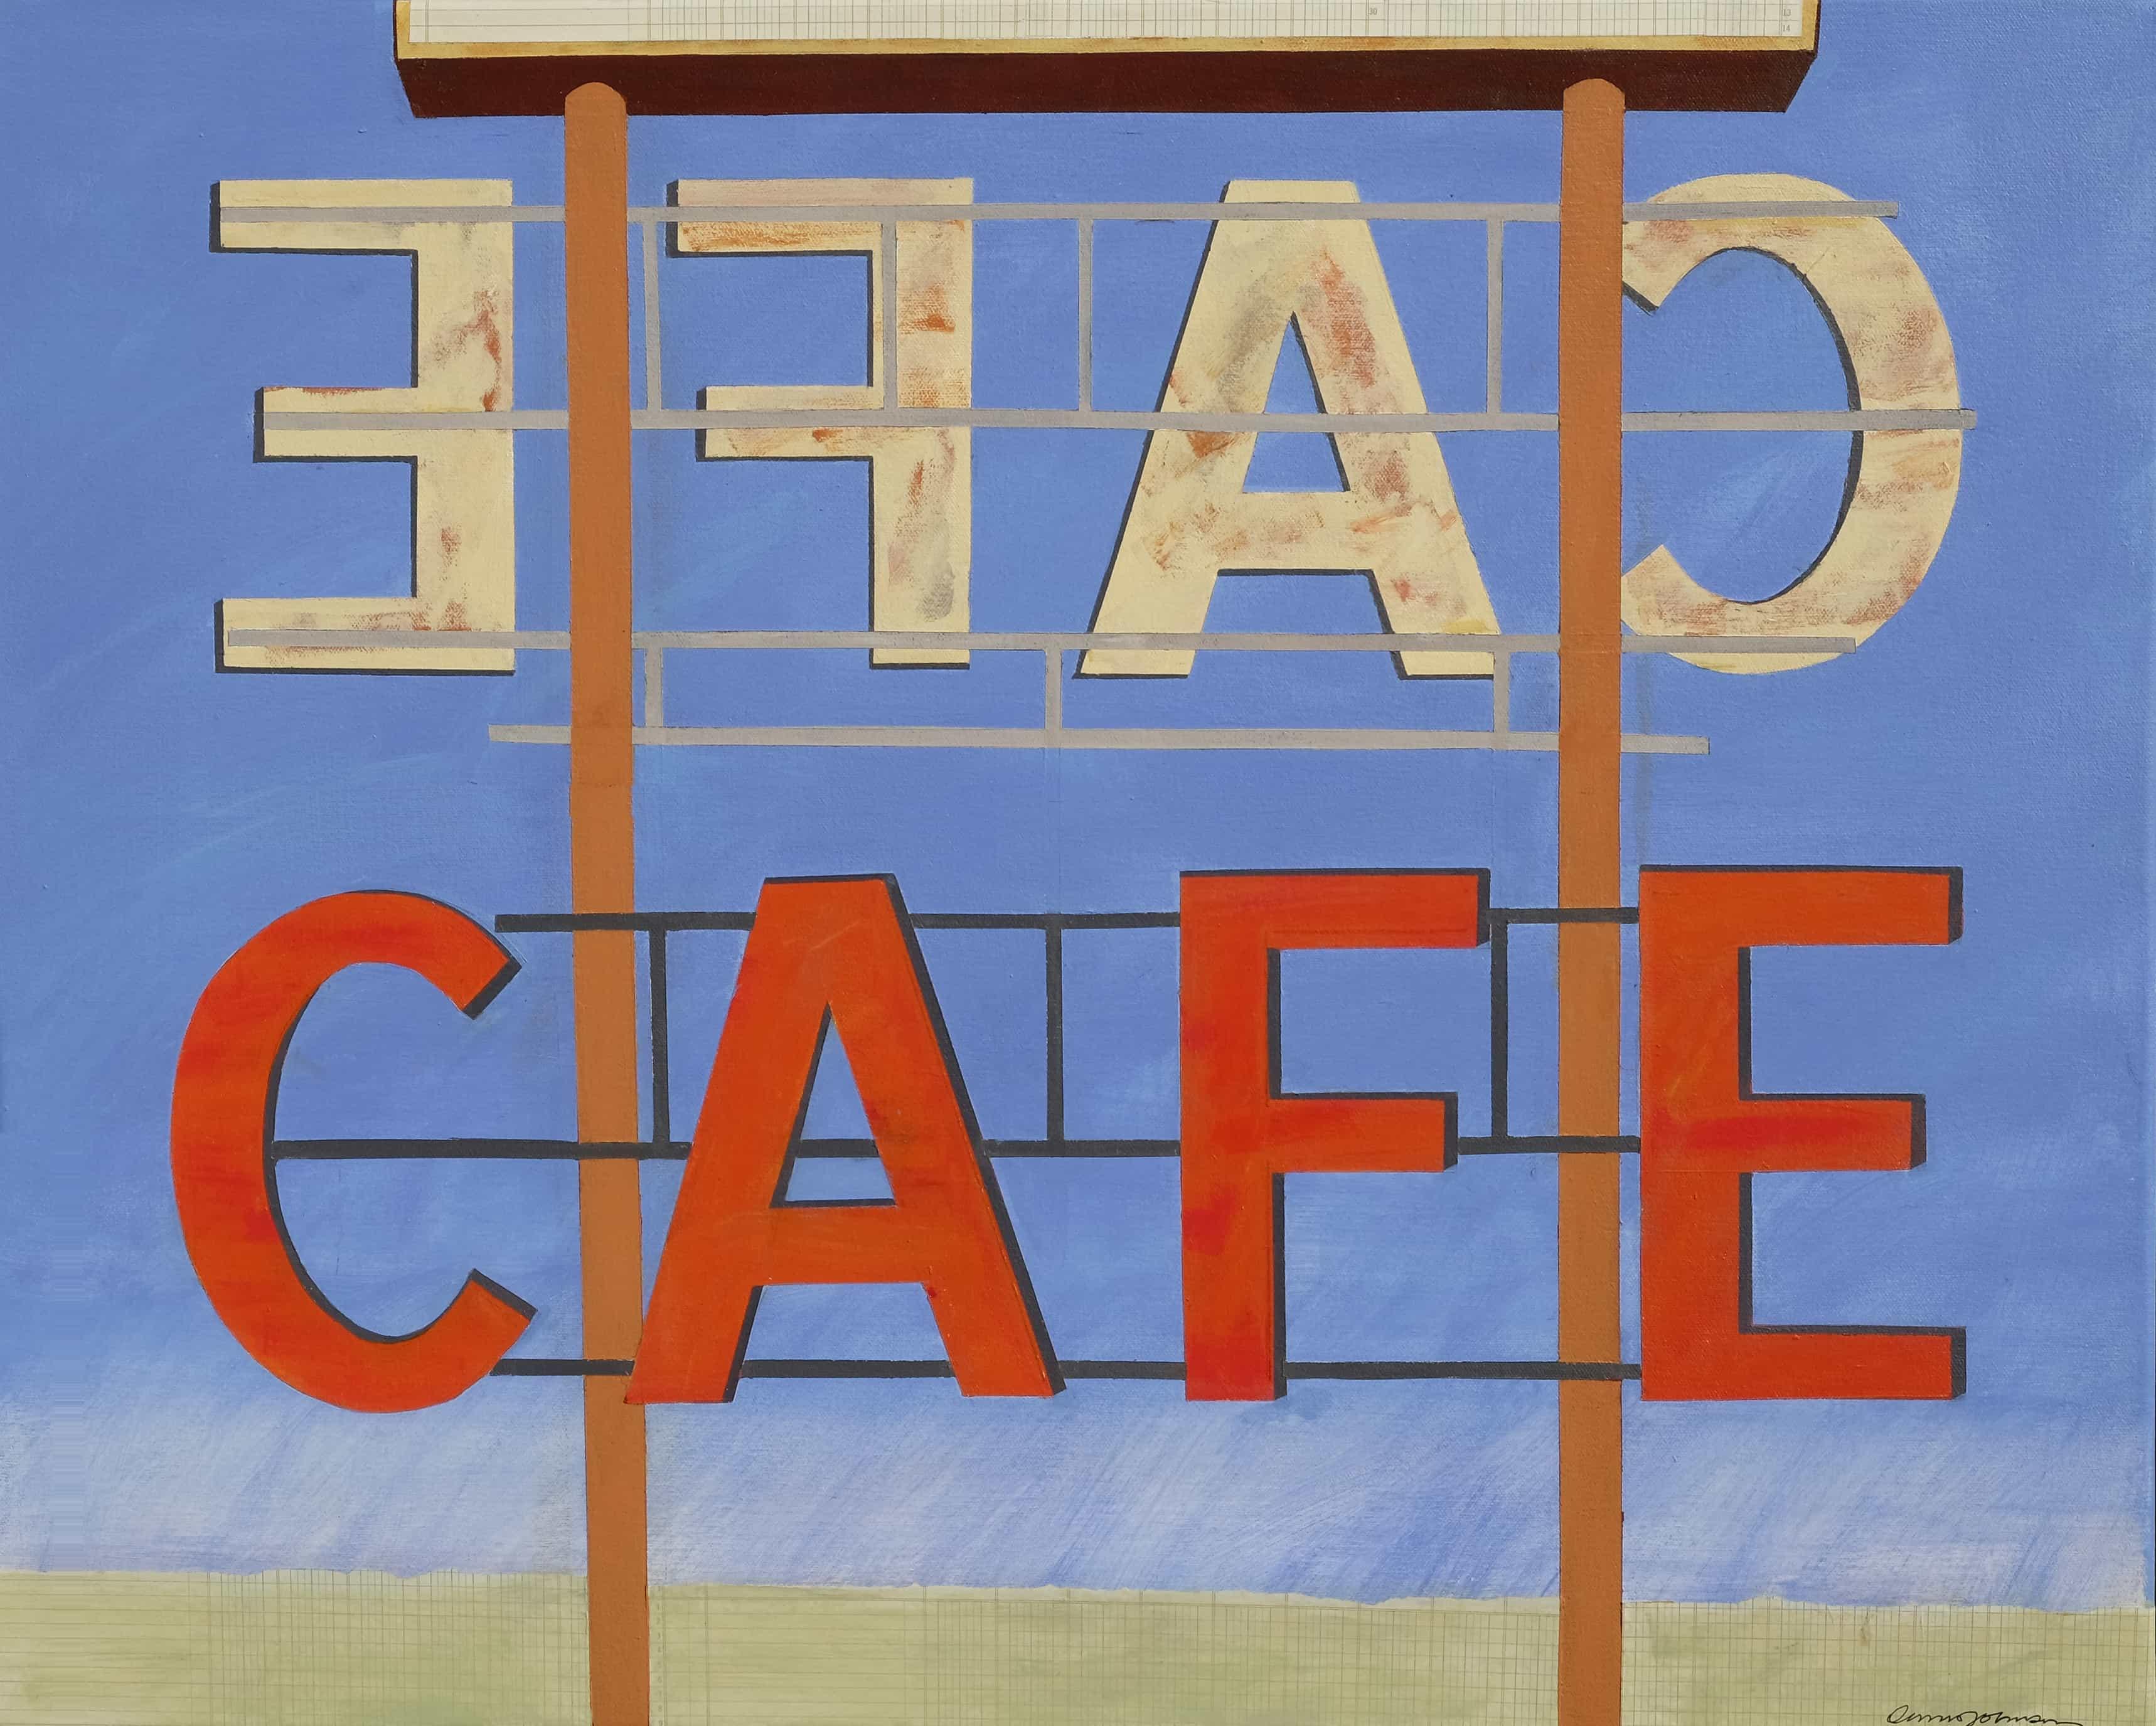 Cafe/Cafe